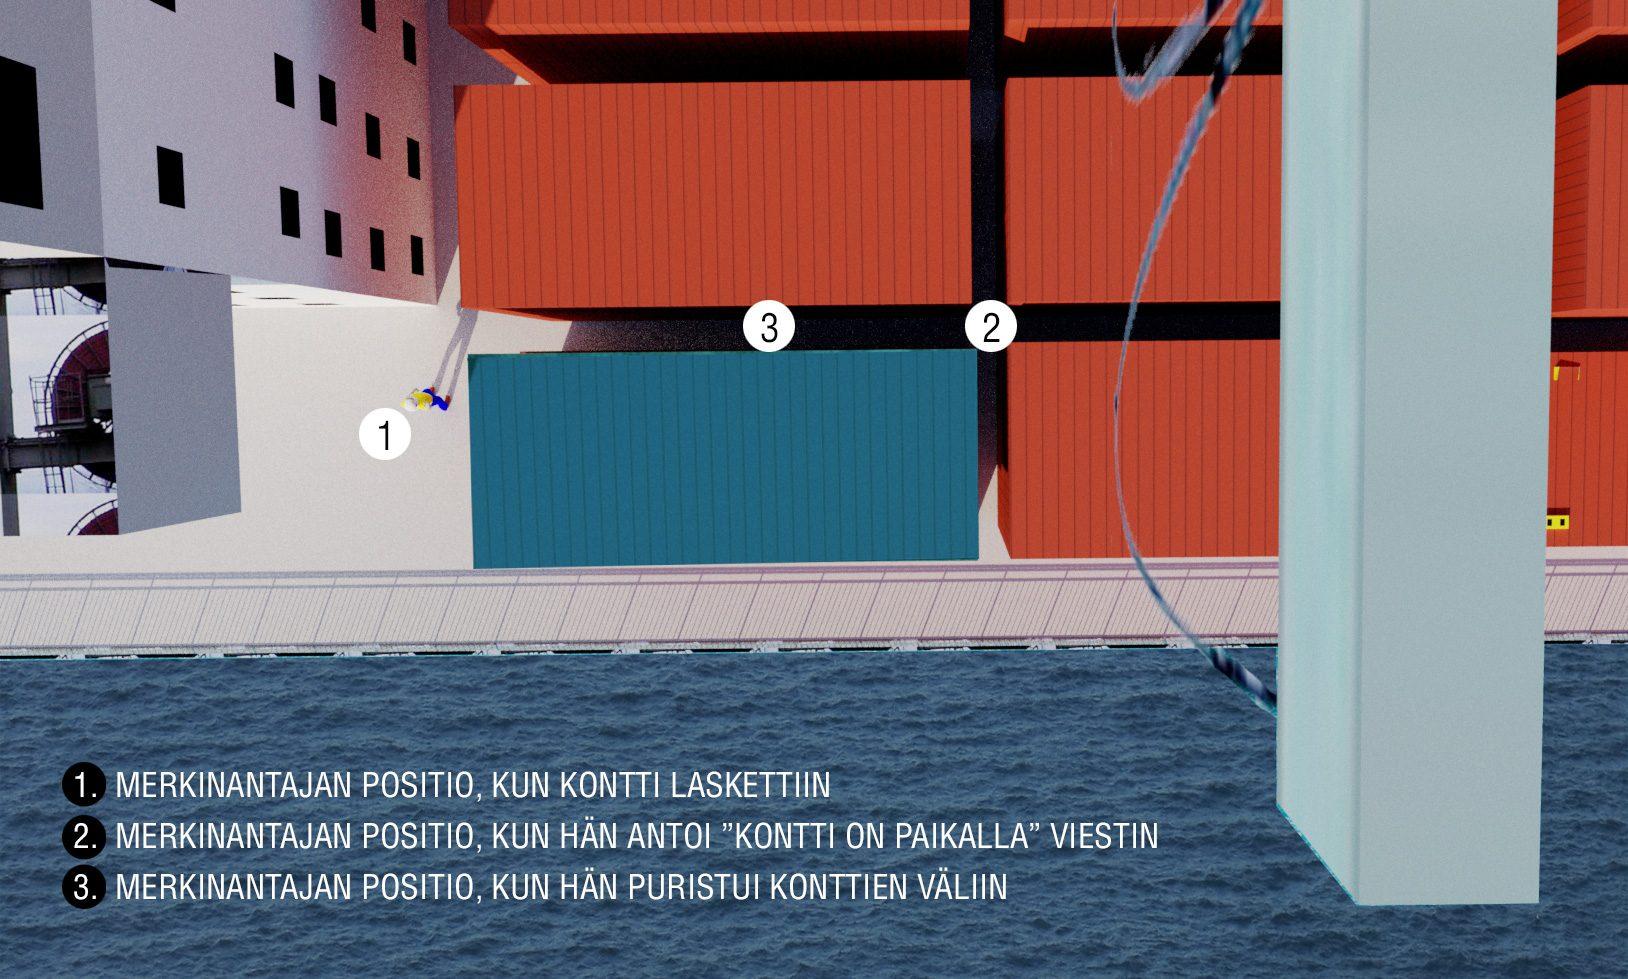 Merkinantajan sijainnit ennen onnettomuutta